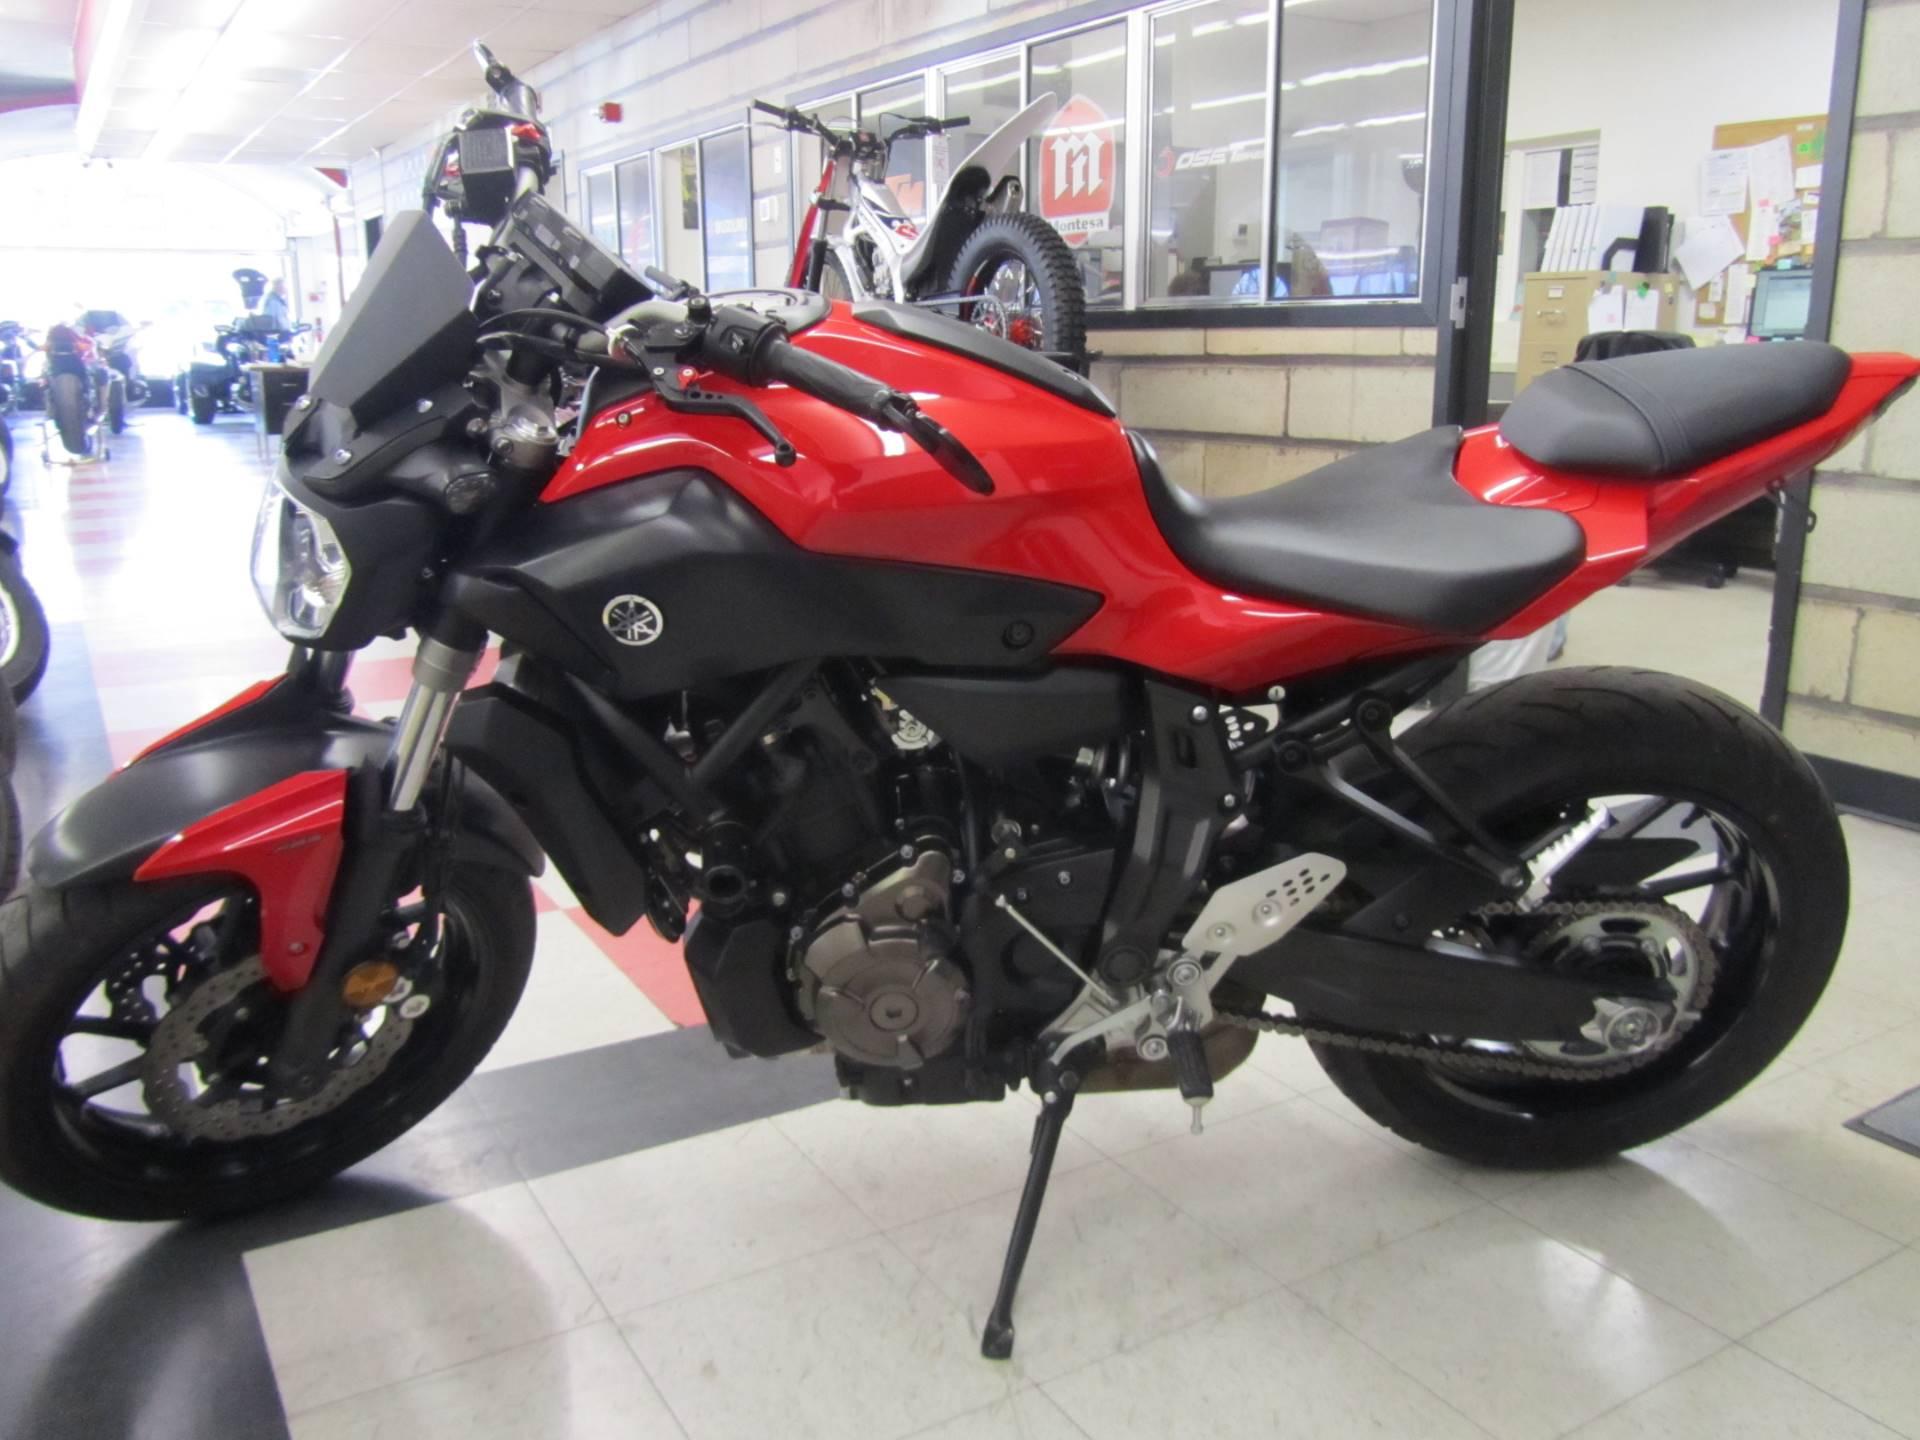 2017 Yamaha FZ-07 ABS for sale 56885